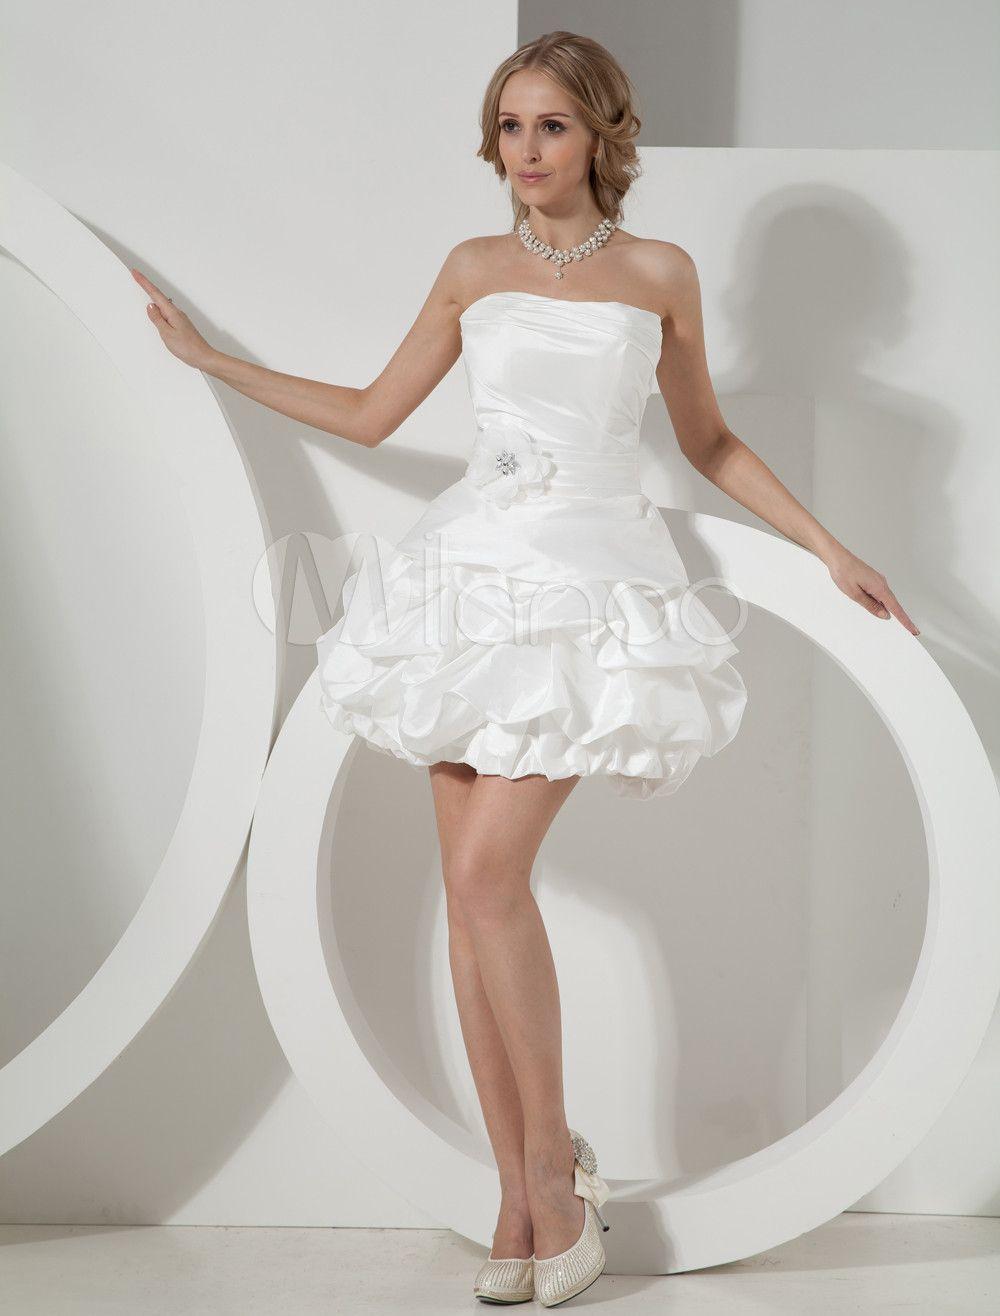 Mini wedding dresses  Abbigliamento da sposa avorio taffeta senza spalline alinea corto